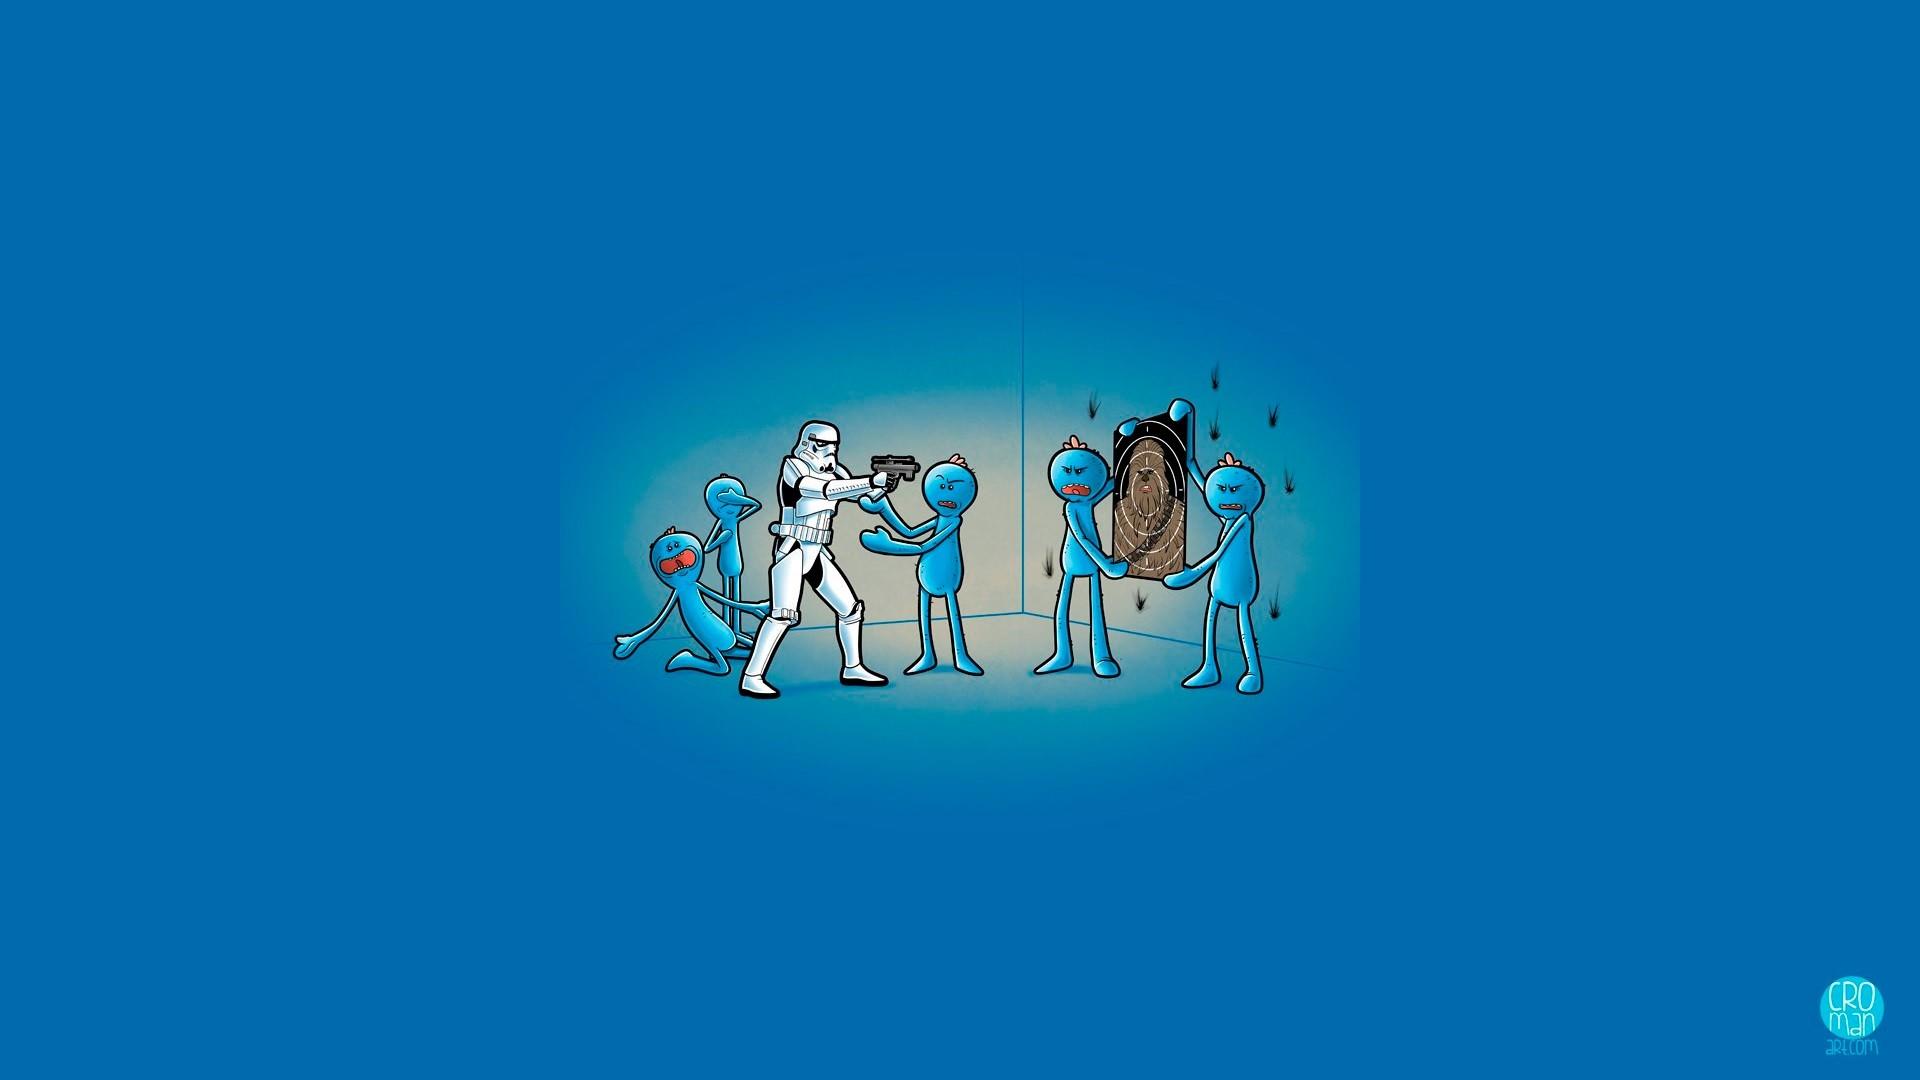 Meeseeks Vs Stormtrooper